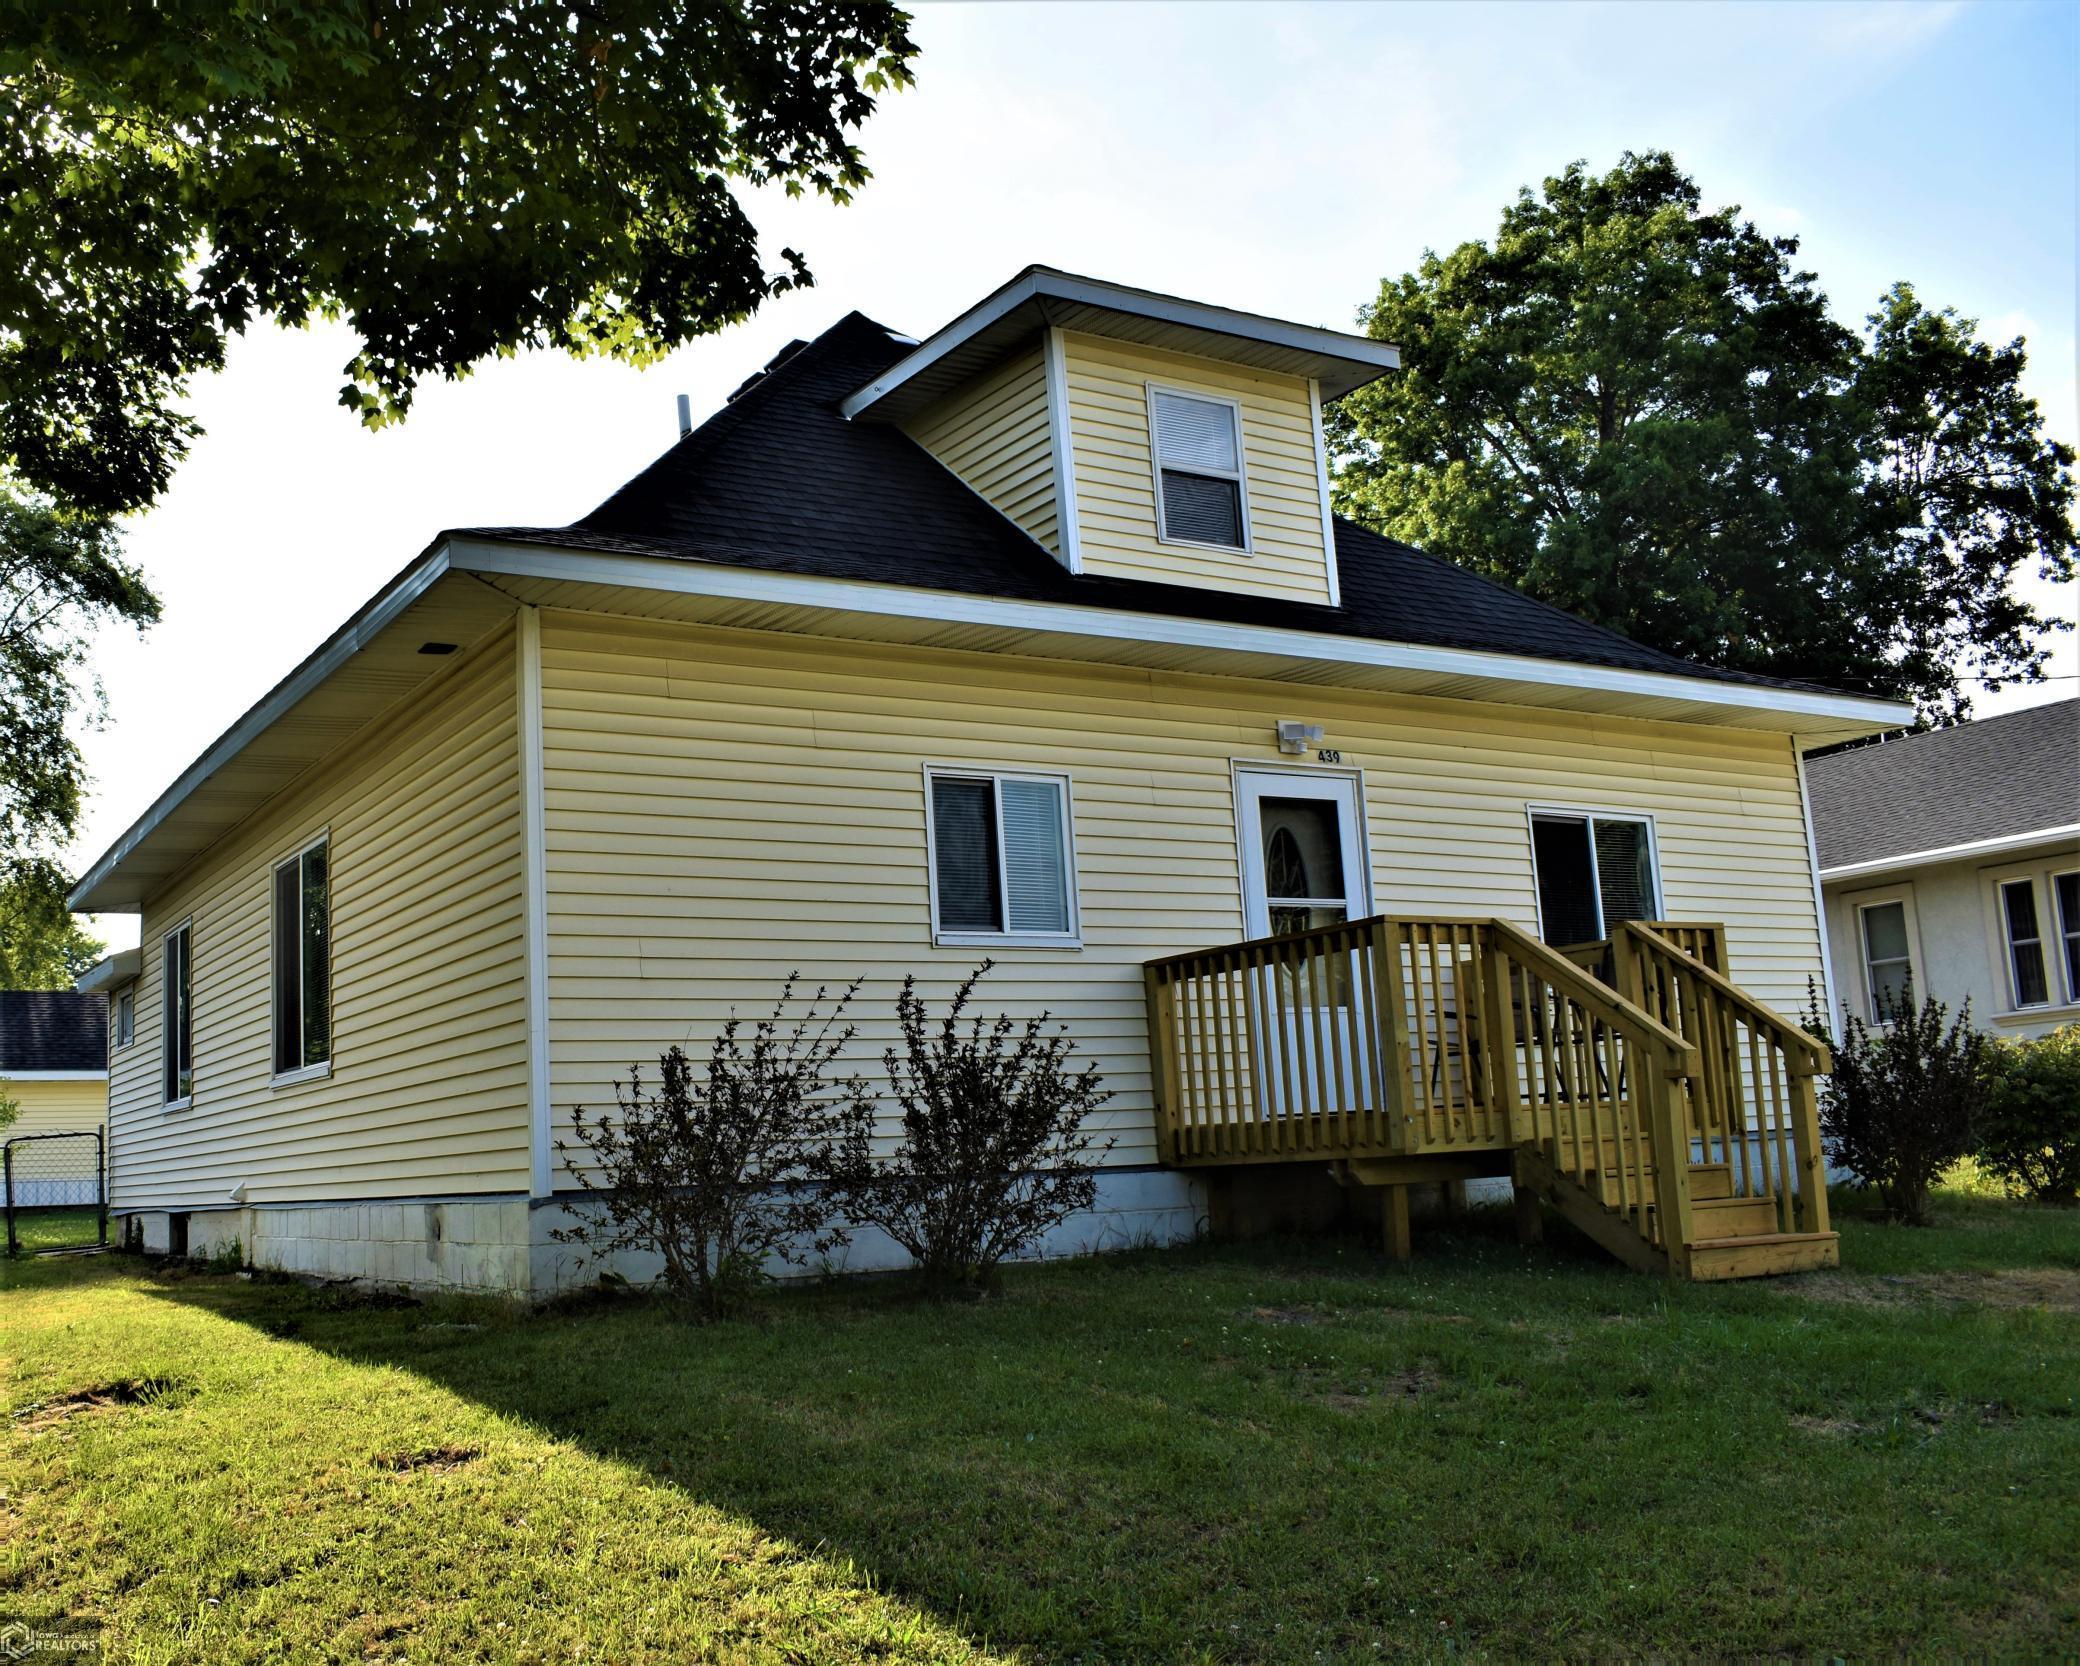 439 7th Property Photo - Chariton, IA real estate listing